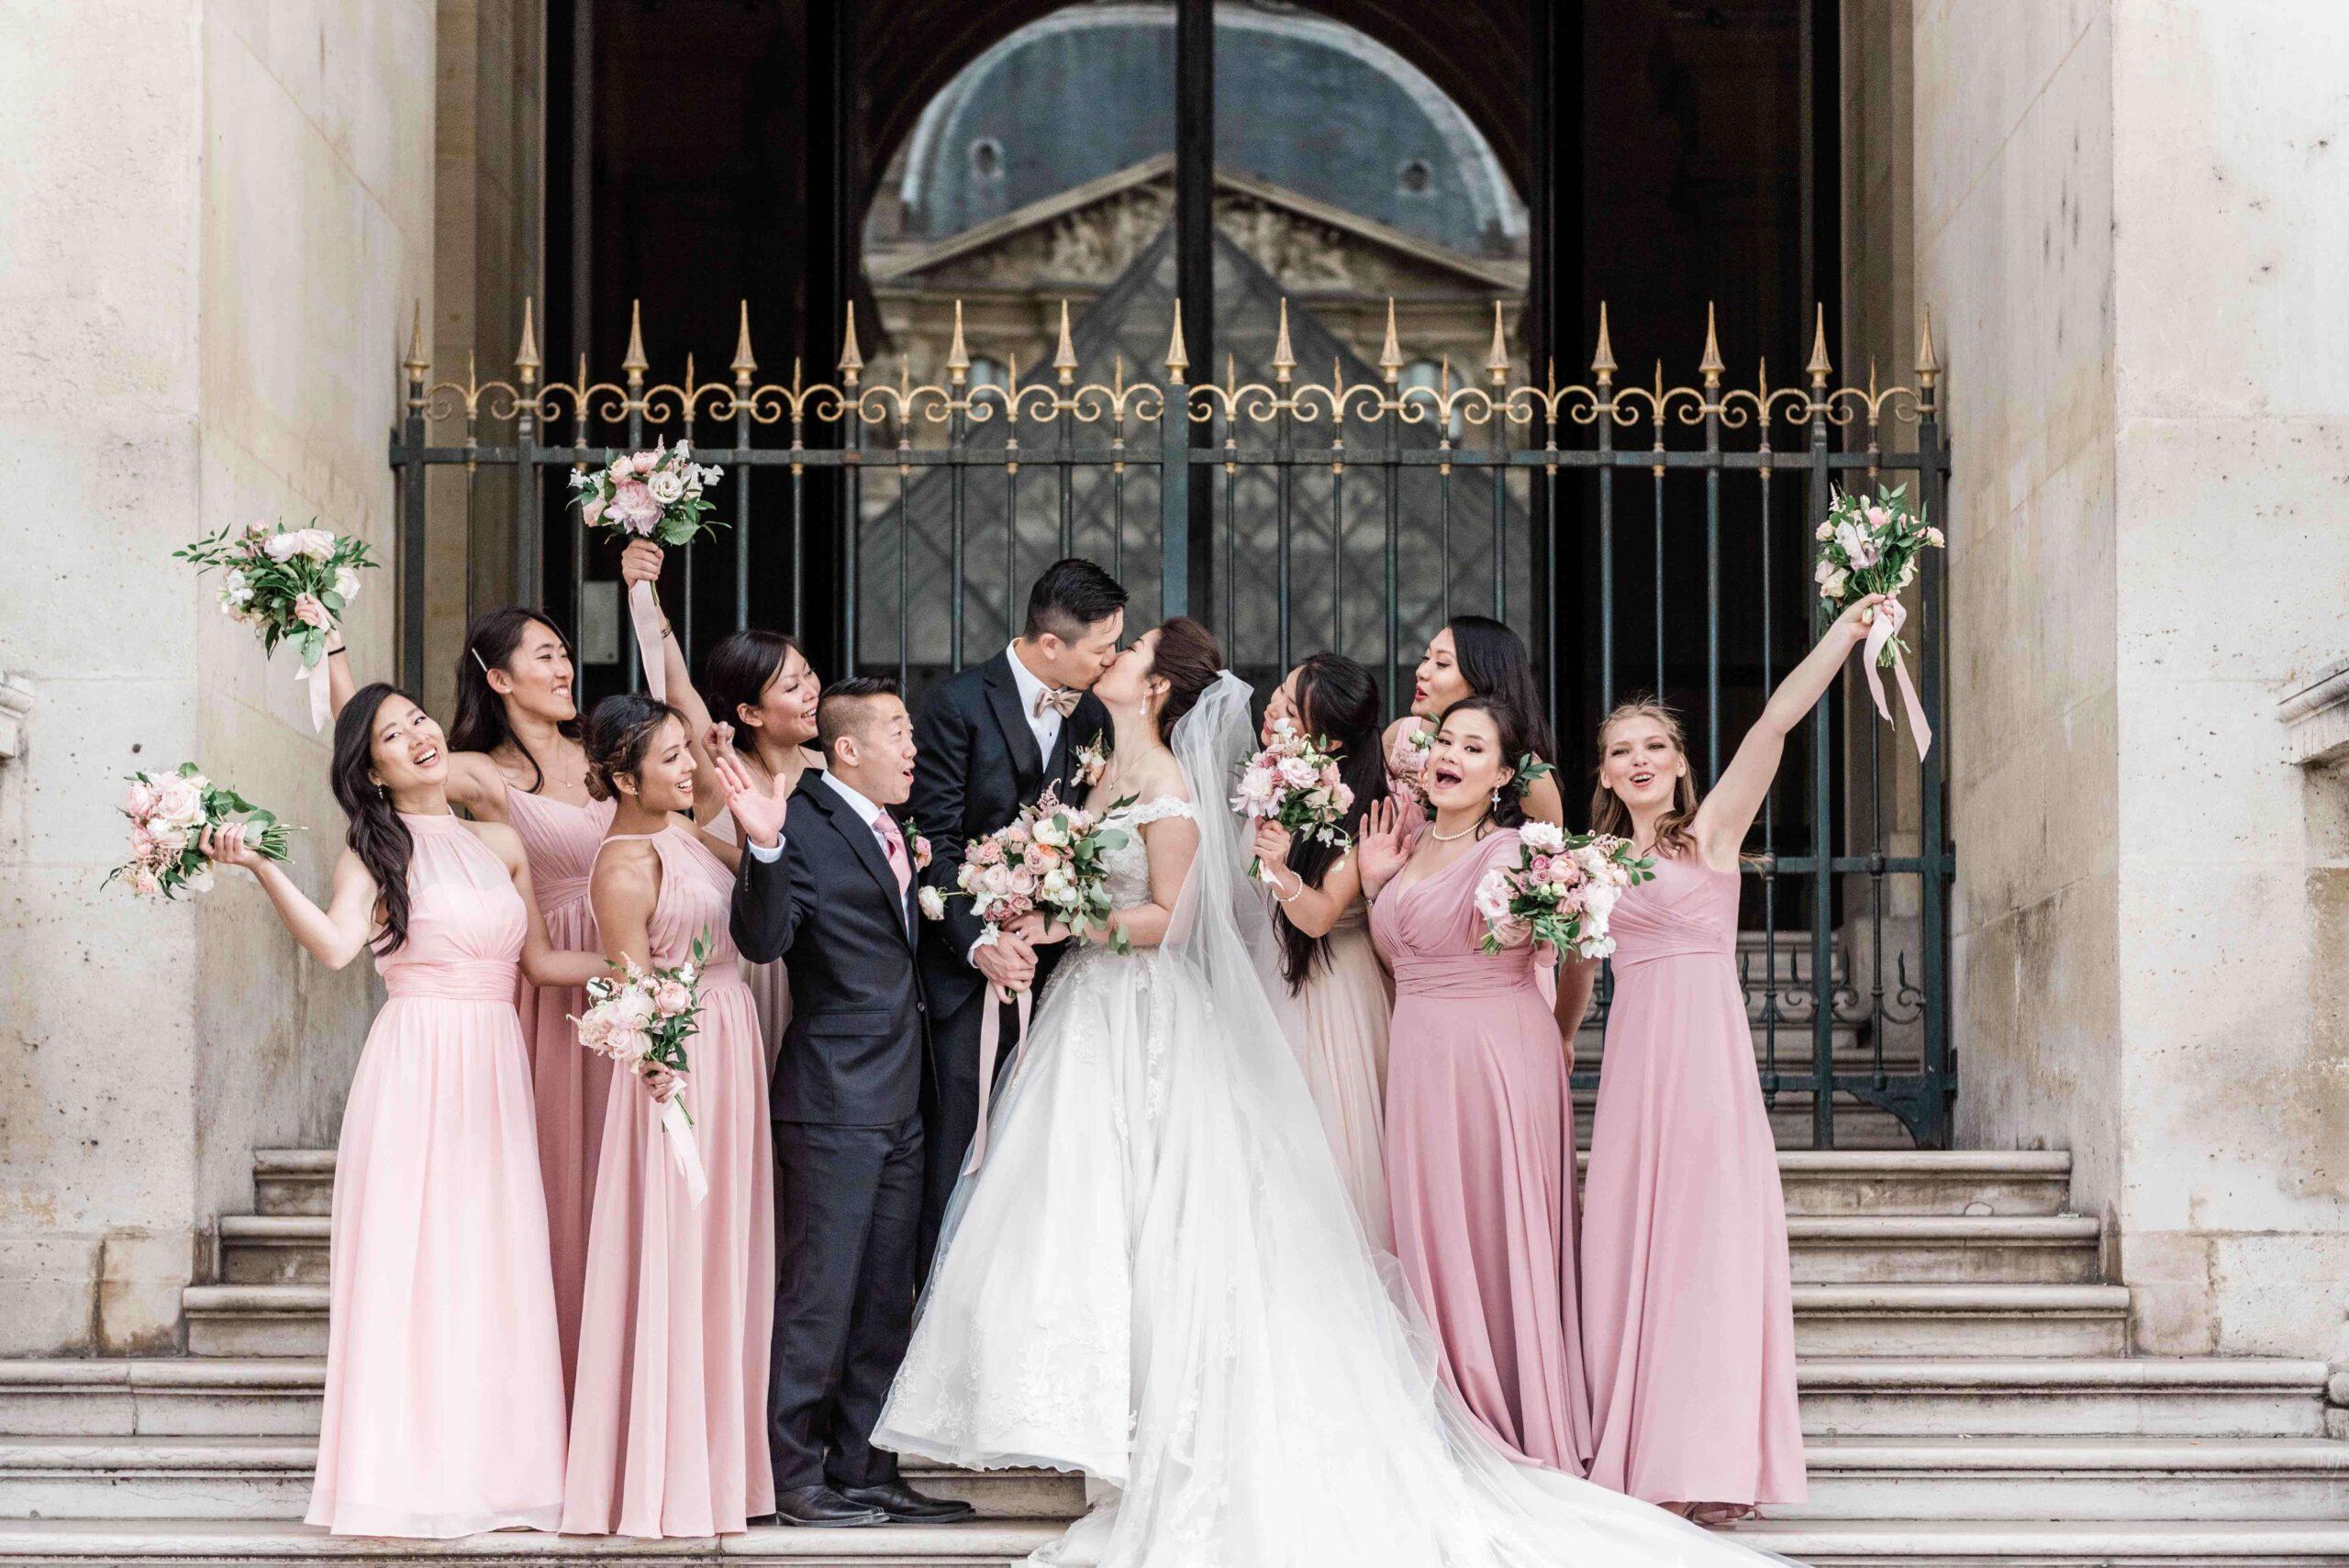 Een bridal party met bruidsmeisjes, een maid of honour en een best man